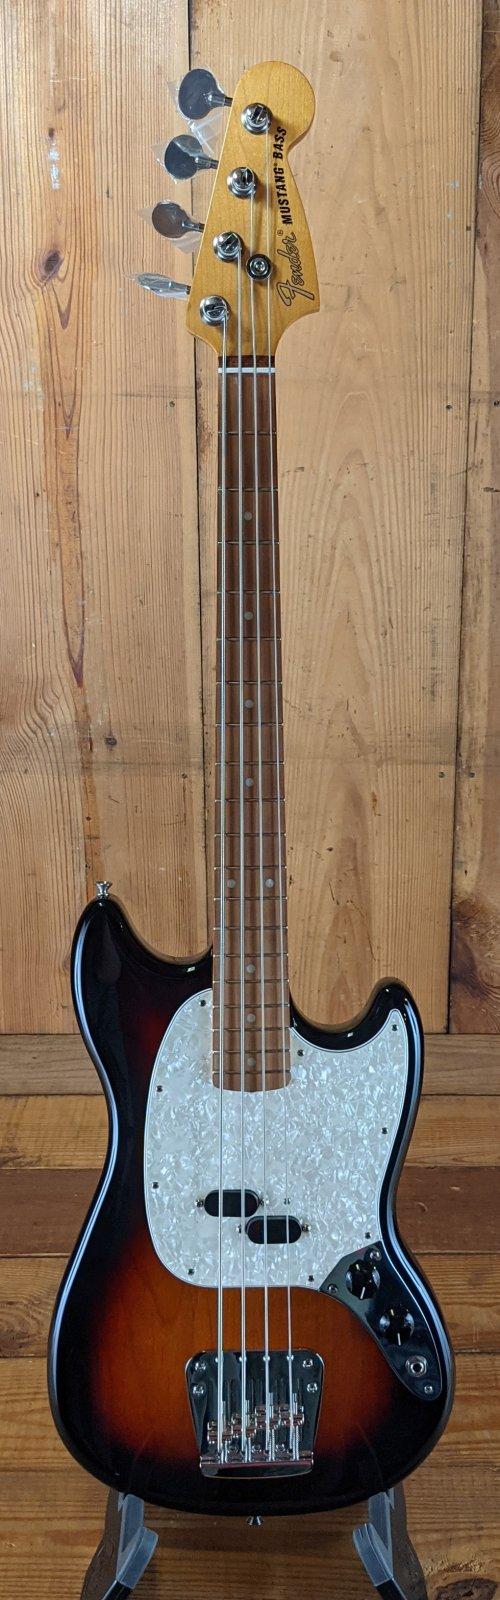 Fender Vintera '60s Mustang bass, 3TS